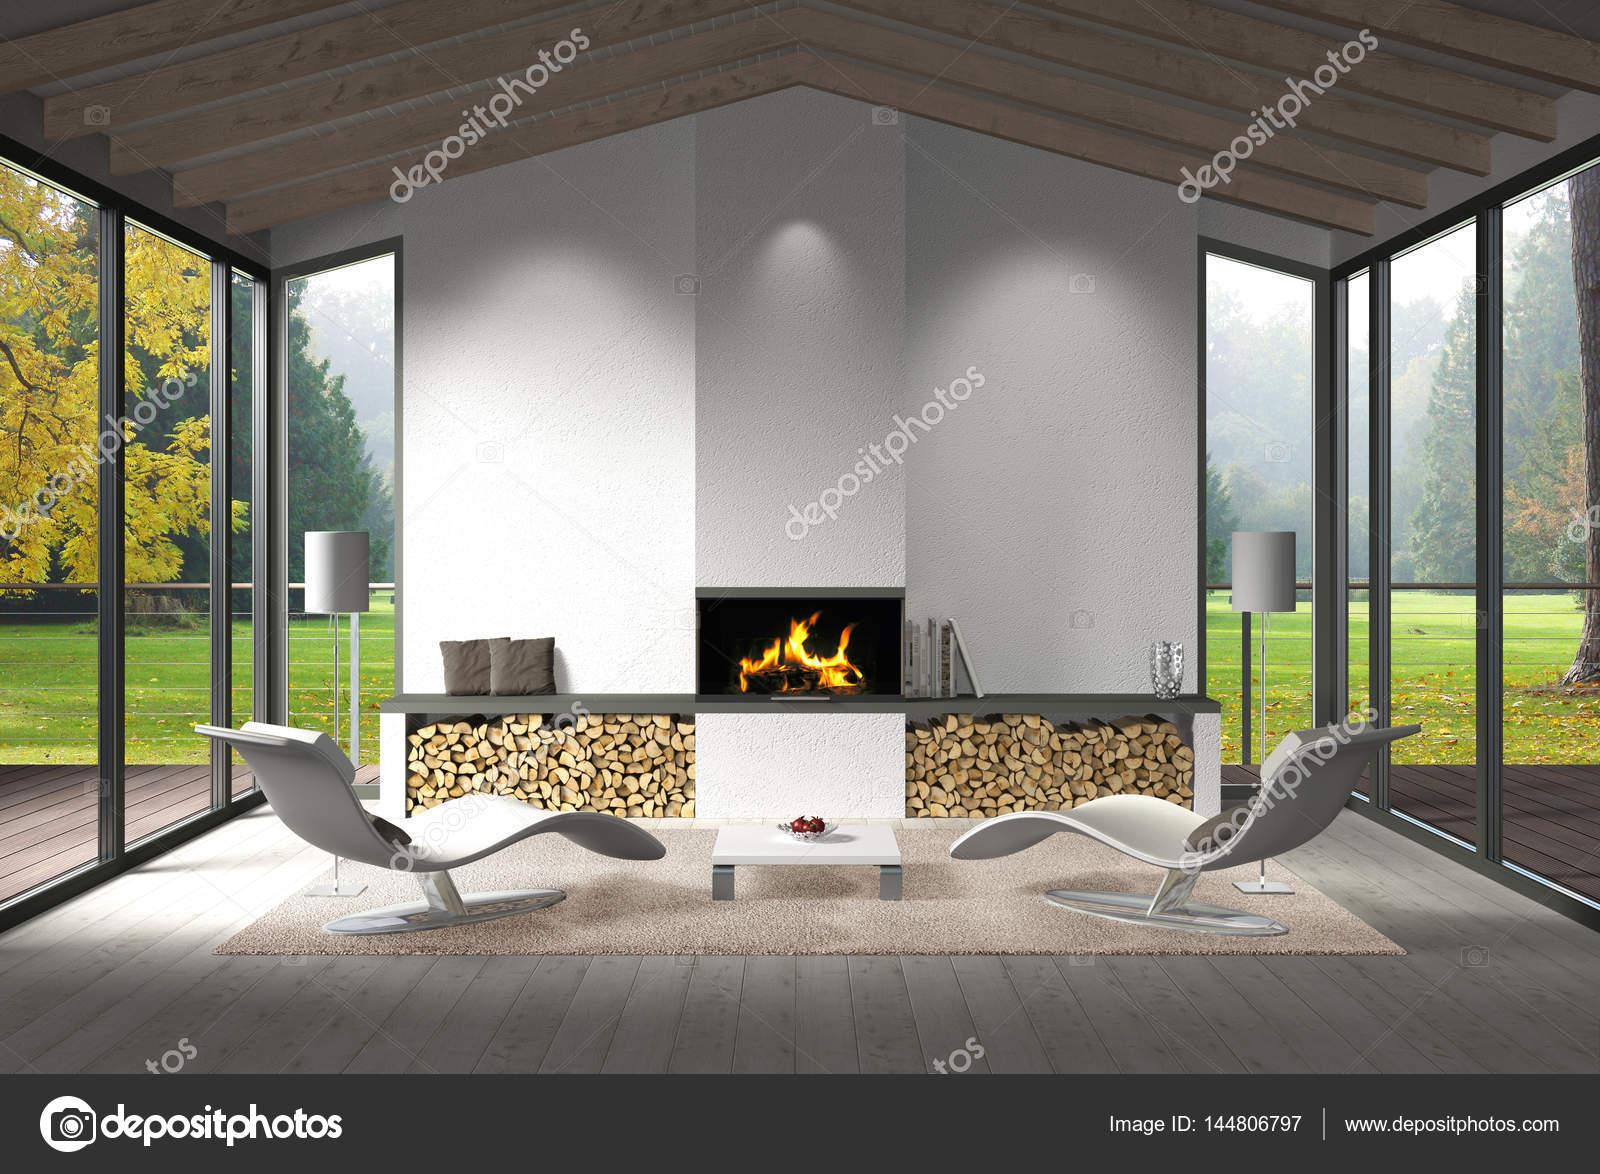 zeitgenössische Wohnzimmer Interieur mit Kamin und Blick auf den ...